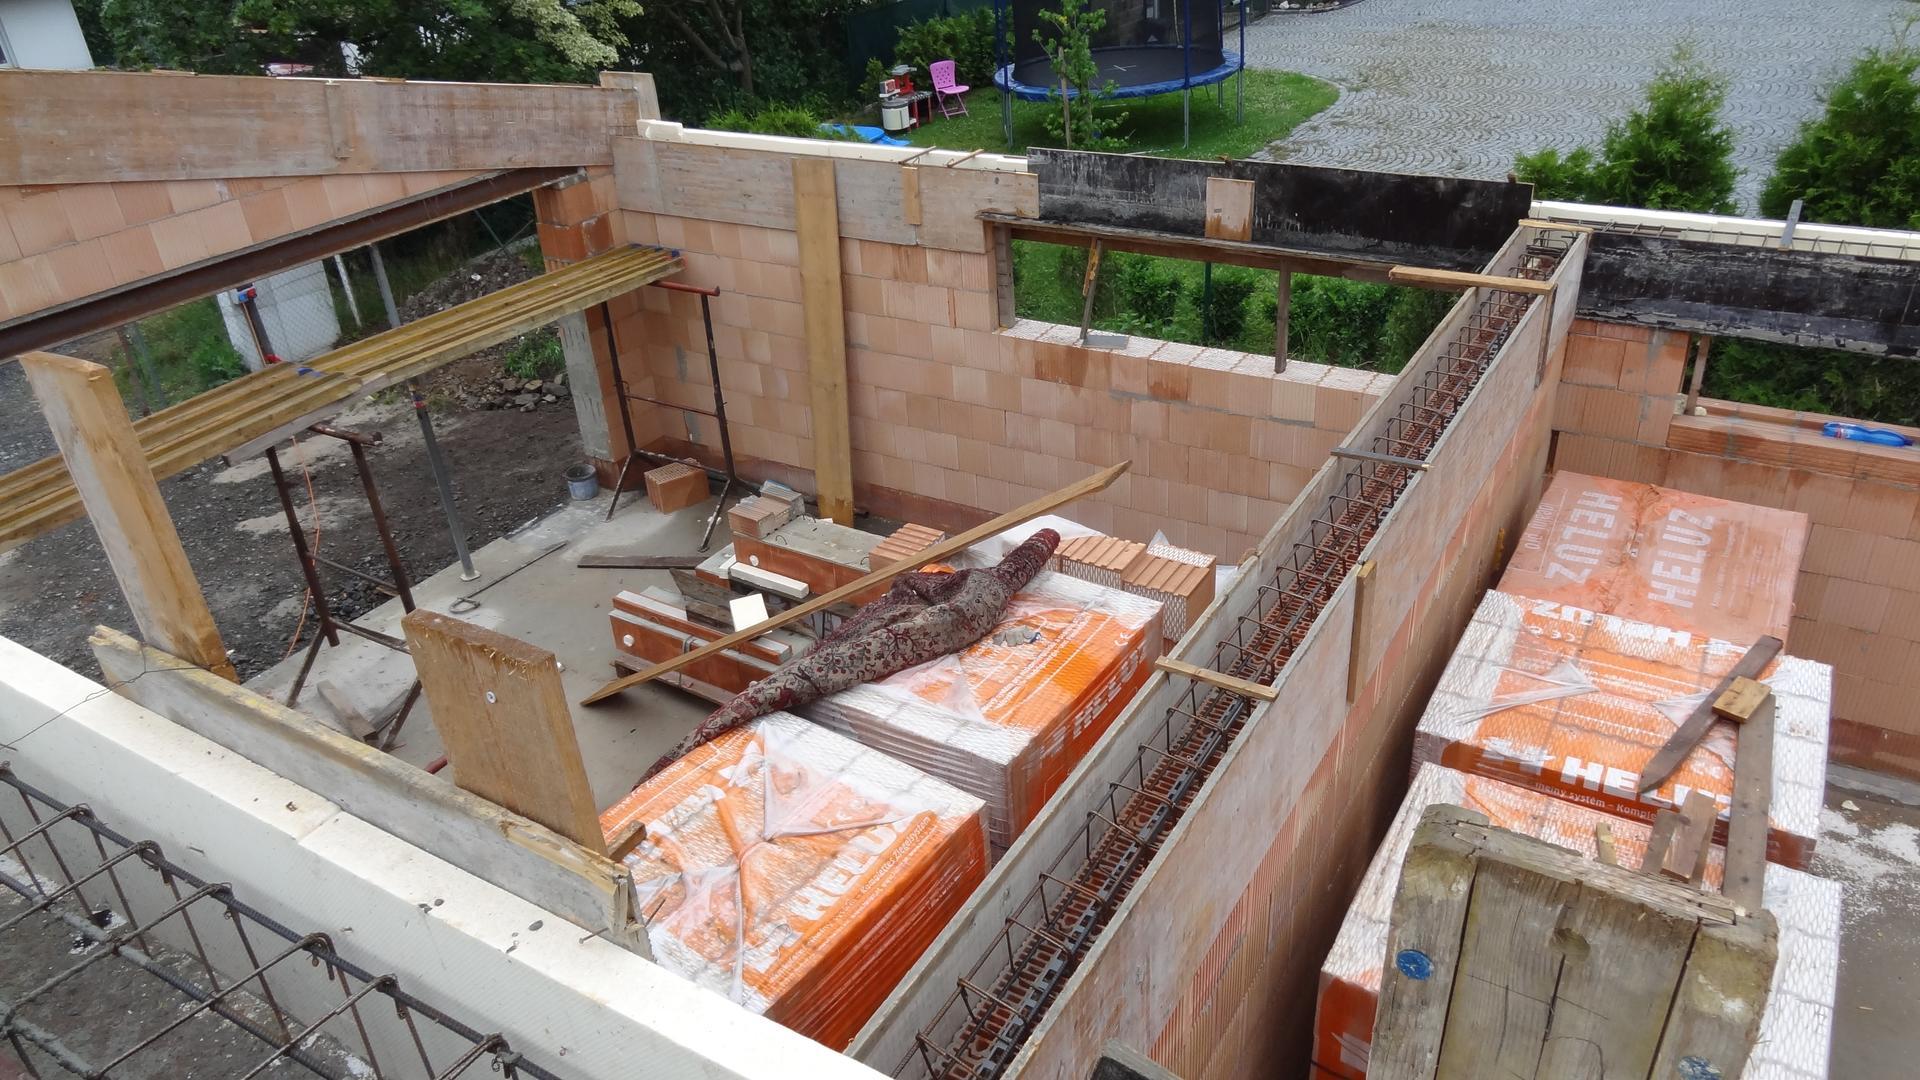 Stavba domečku pokračuje - Nekonečný boj s šikmými věnci